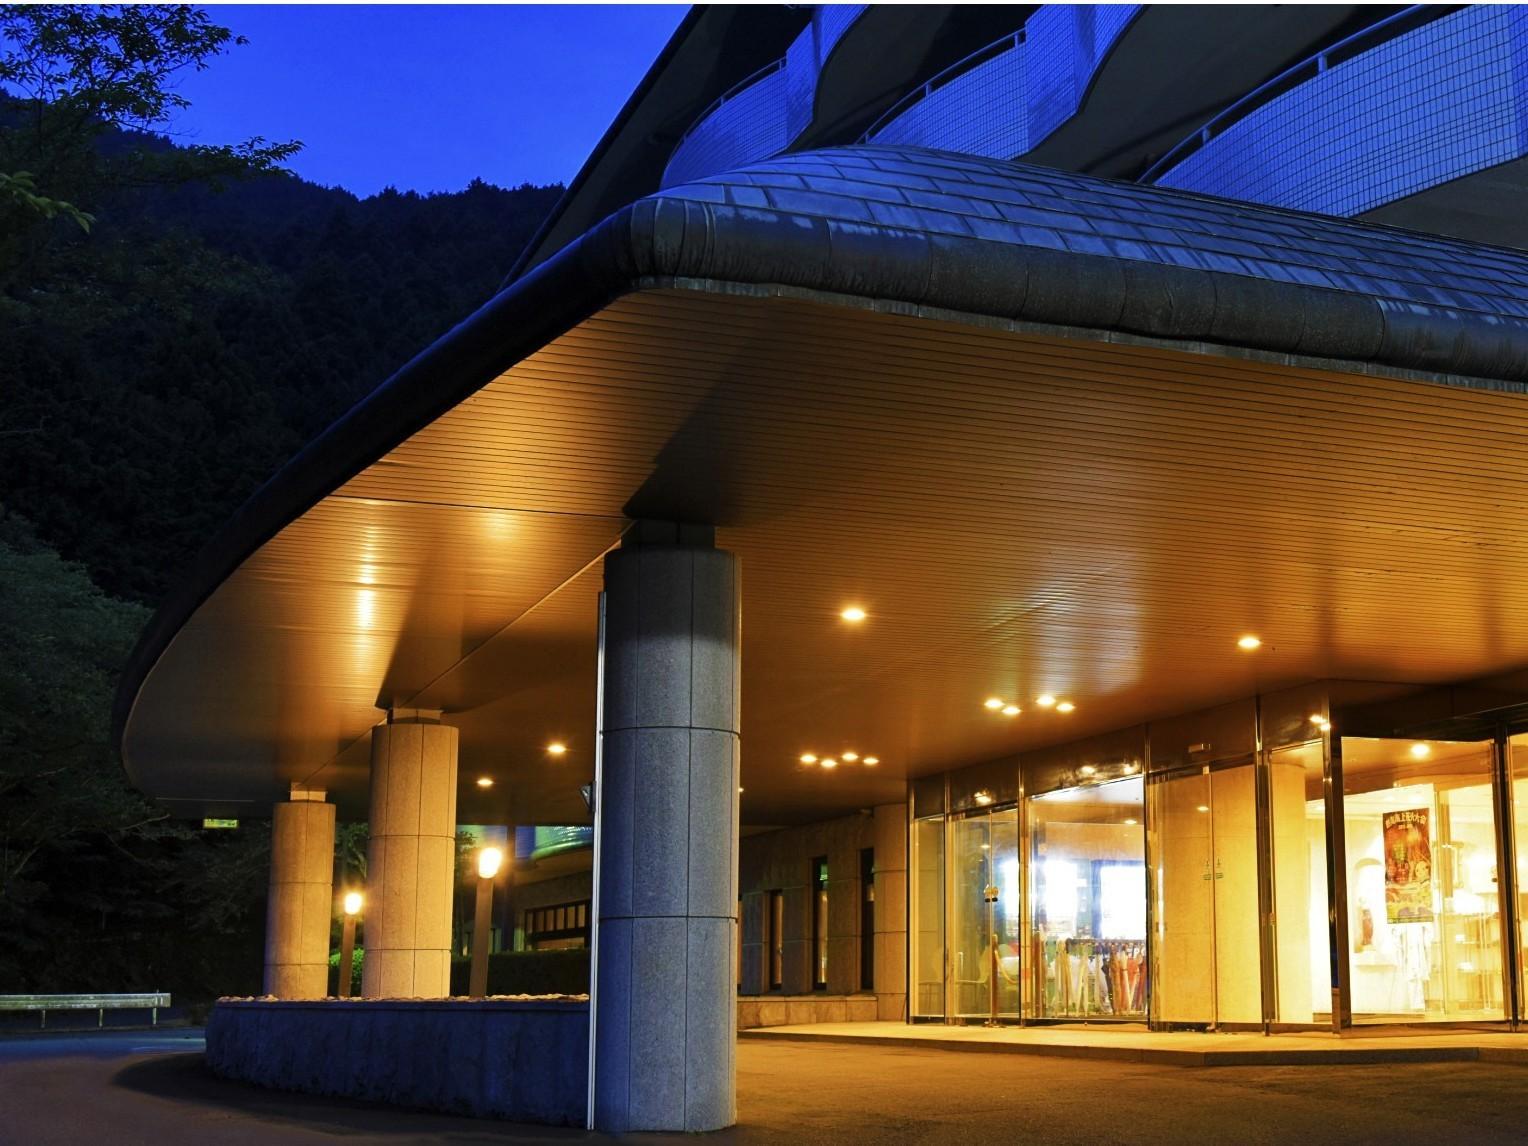 子供連れでキッズルームのようなスペースがある熱海温泉の宿で、どこかおすすめはありますか?